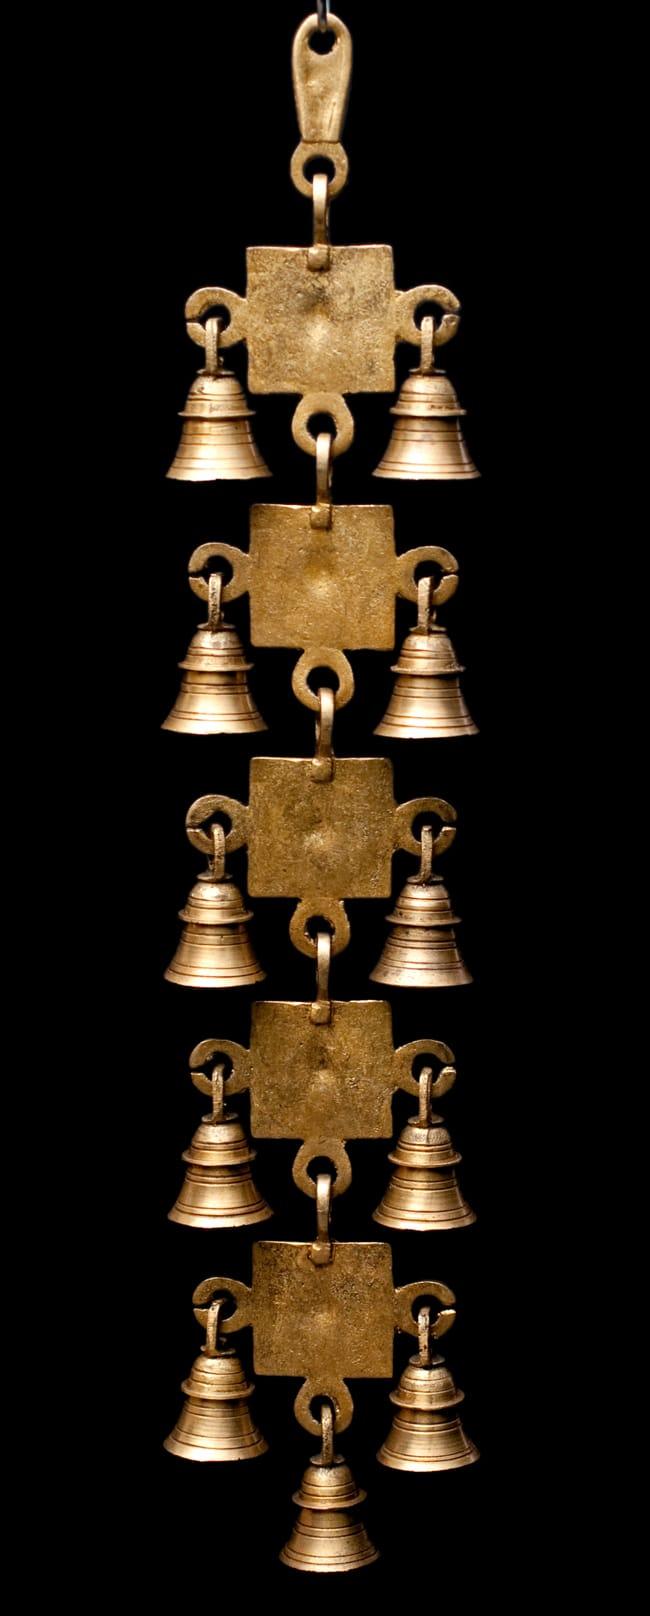 インドの神様ベル【5段】の写真6 - 裏側の写真です